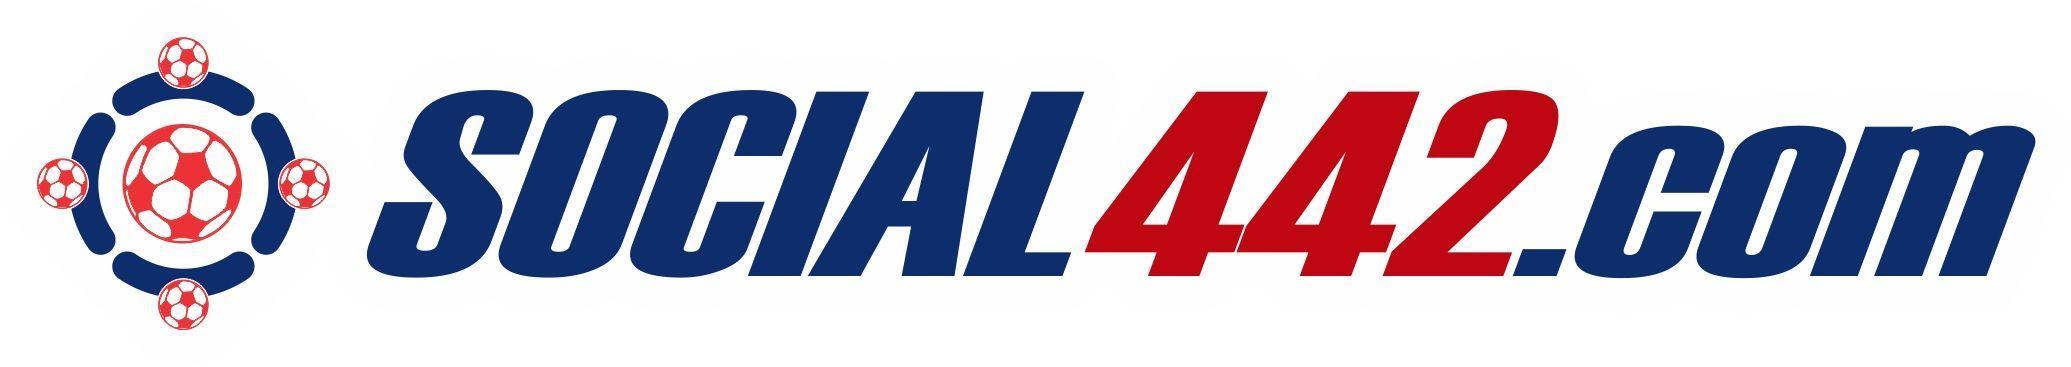 Social442.com